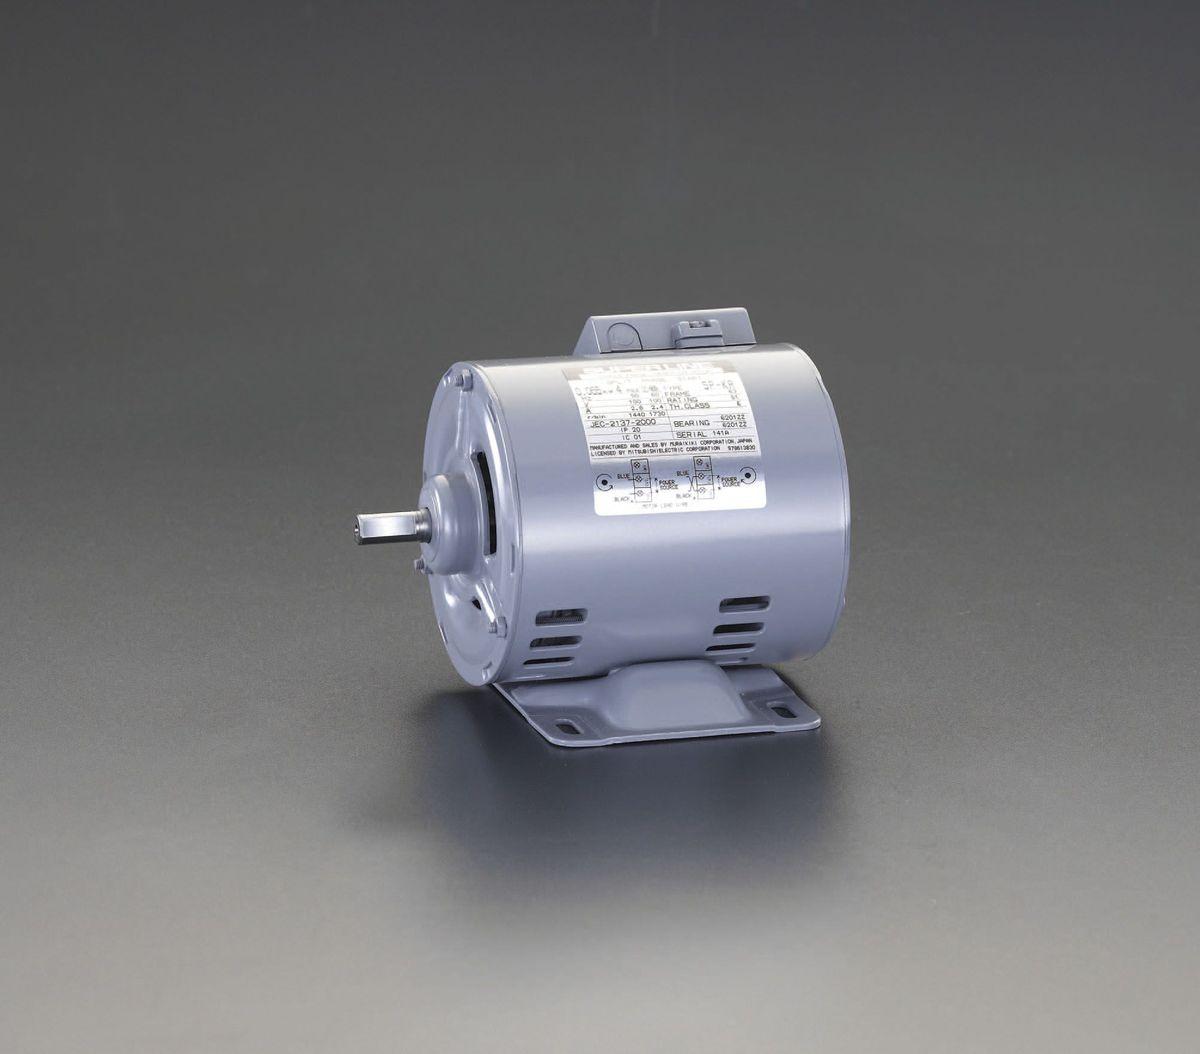 【メーカー在庫あり】 エスコ ESCO AC100V・200W 単相モーター 分相始動式 000012232680 HD店